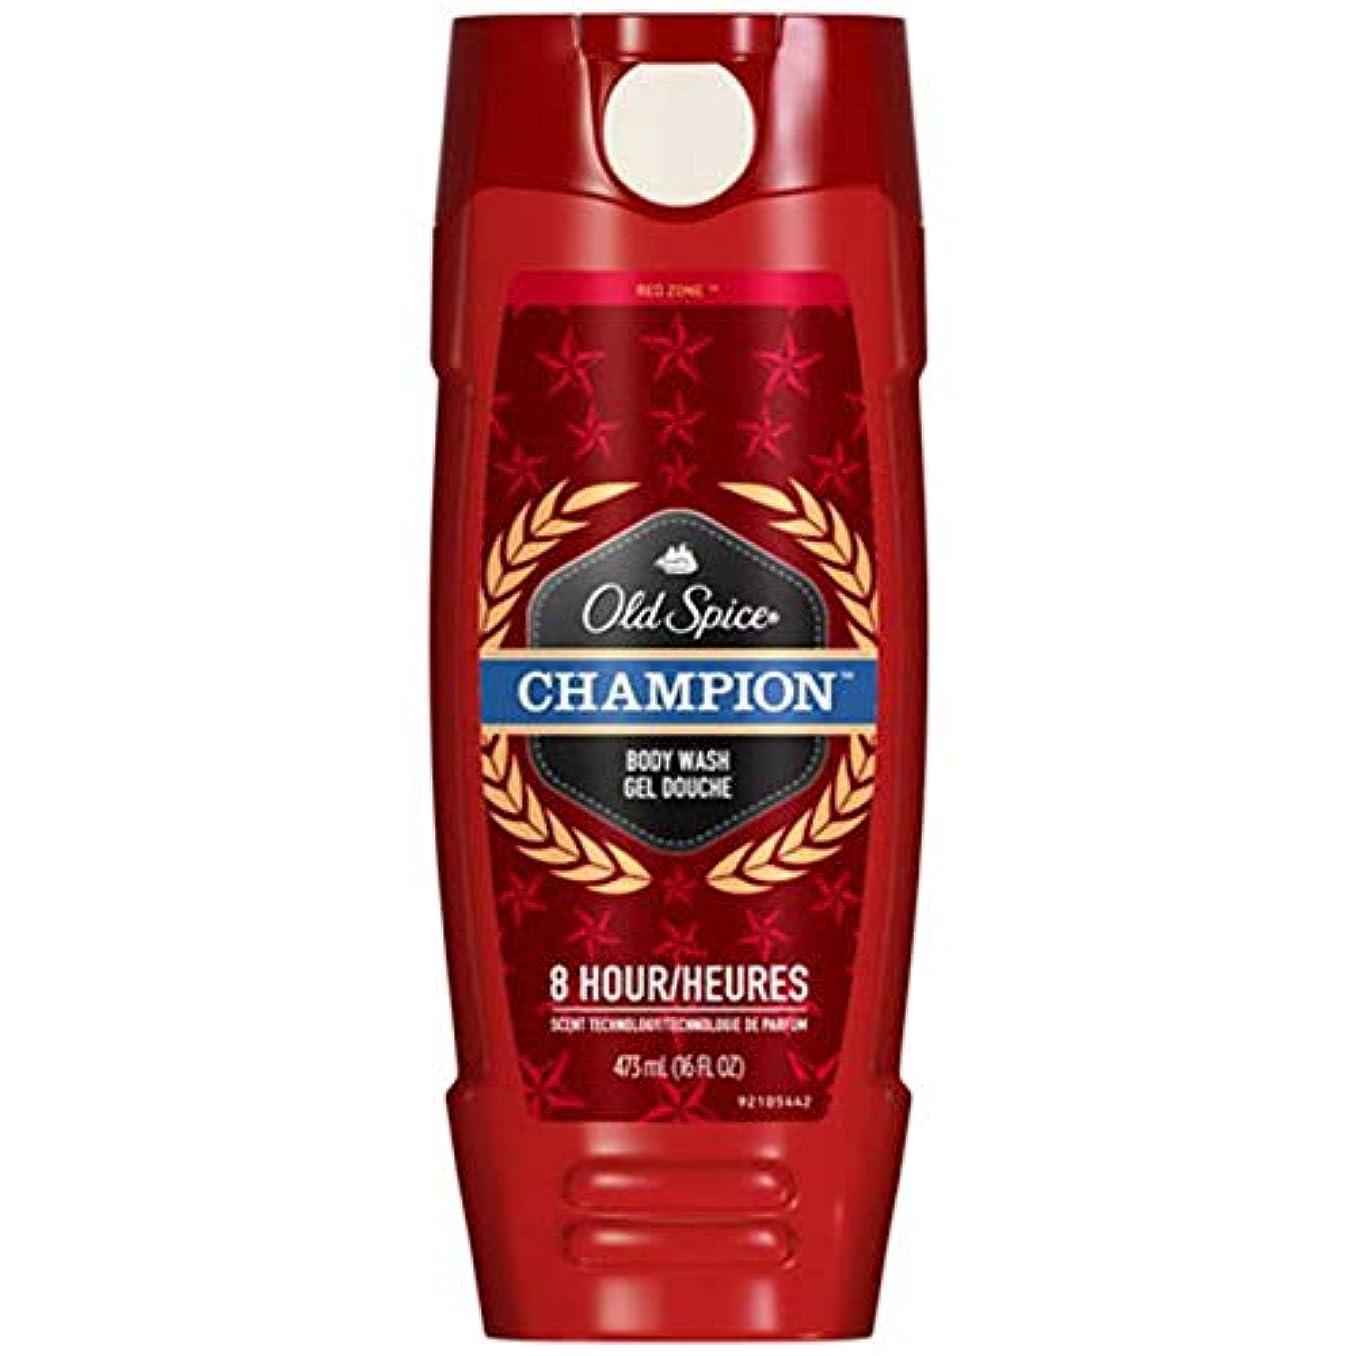 チーフ臭いインスタントOld Spice オールドスパイス ボディーウォッシュジェル Red Zone Body Wash GEL 473ml 並行輸入品 (CHAMPION/チャンピオン) [並行輸入品]